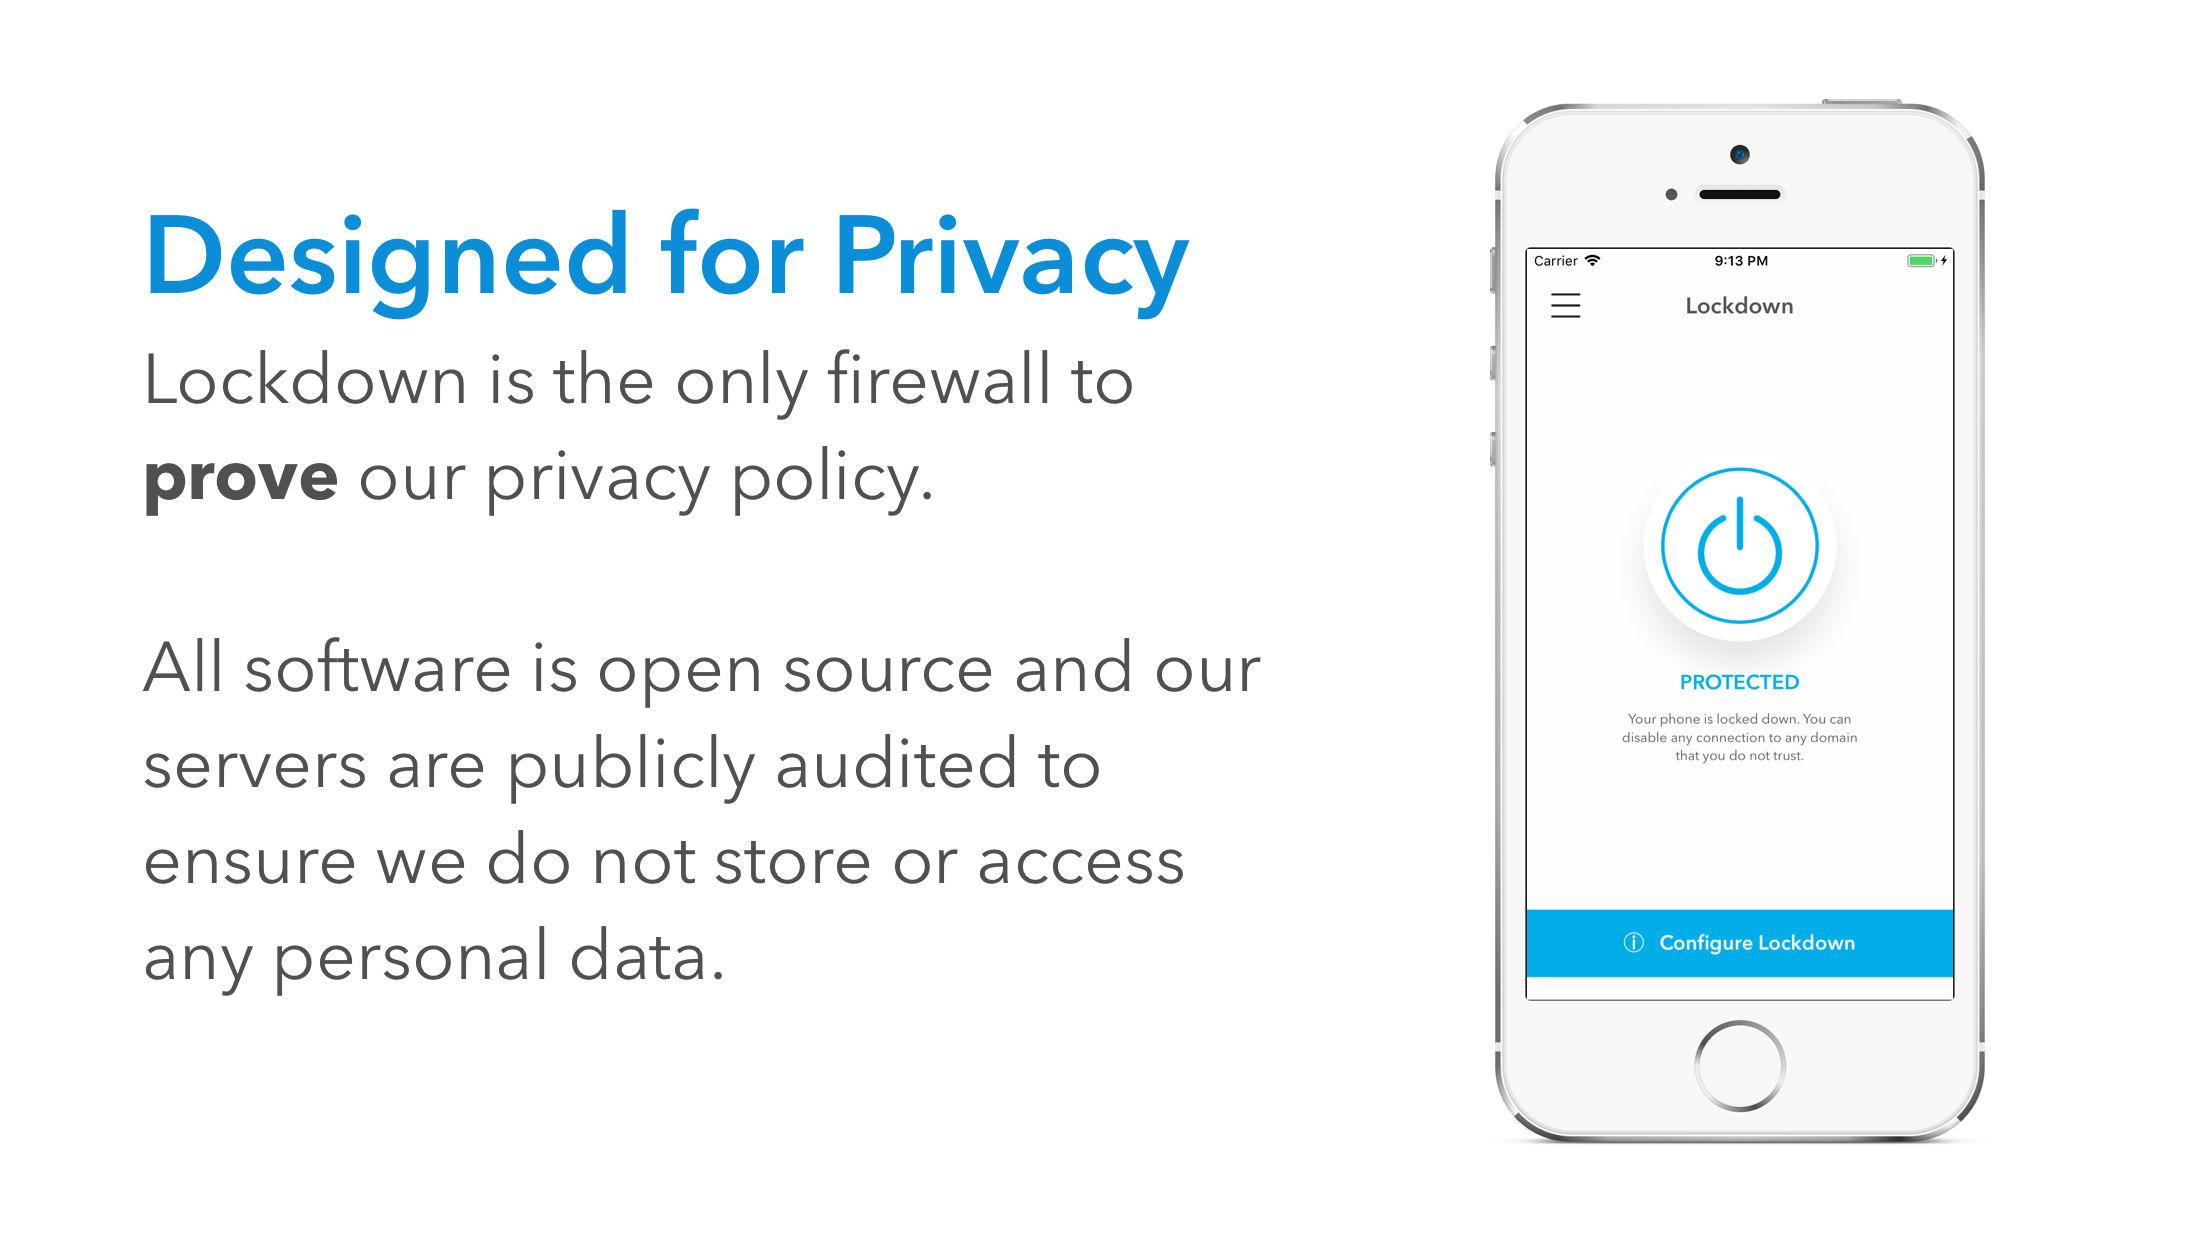 Lockdown Privacy